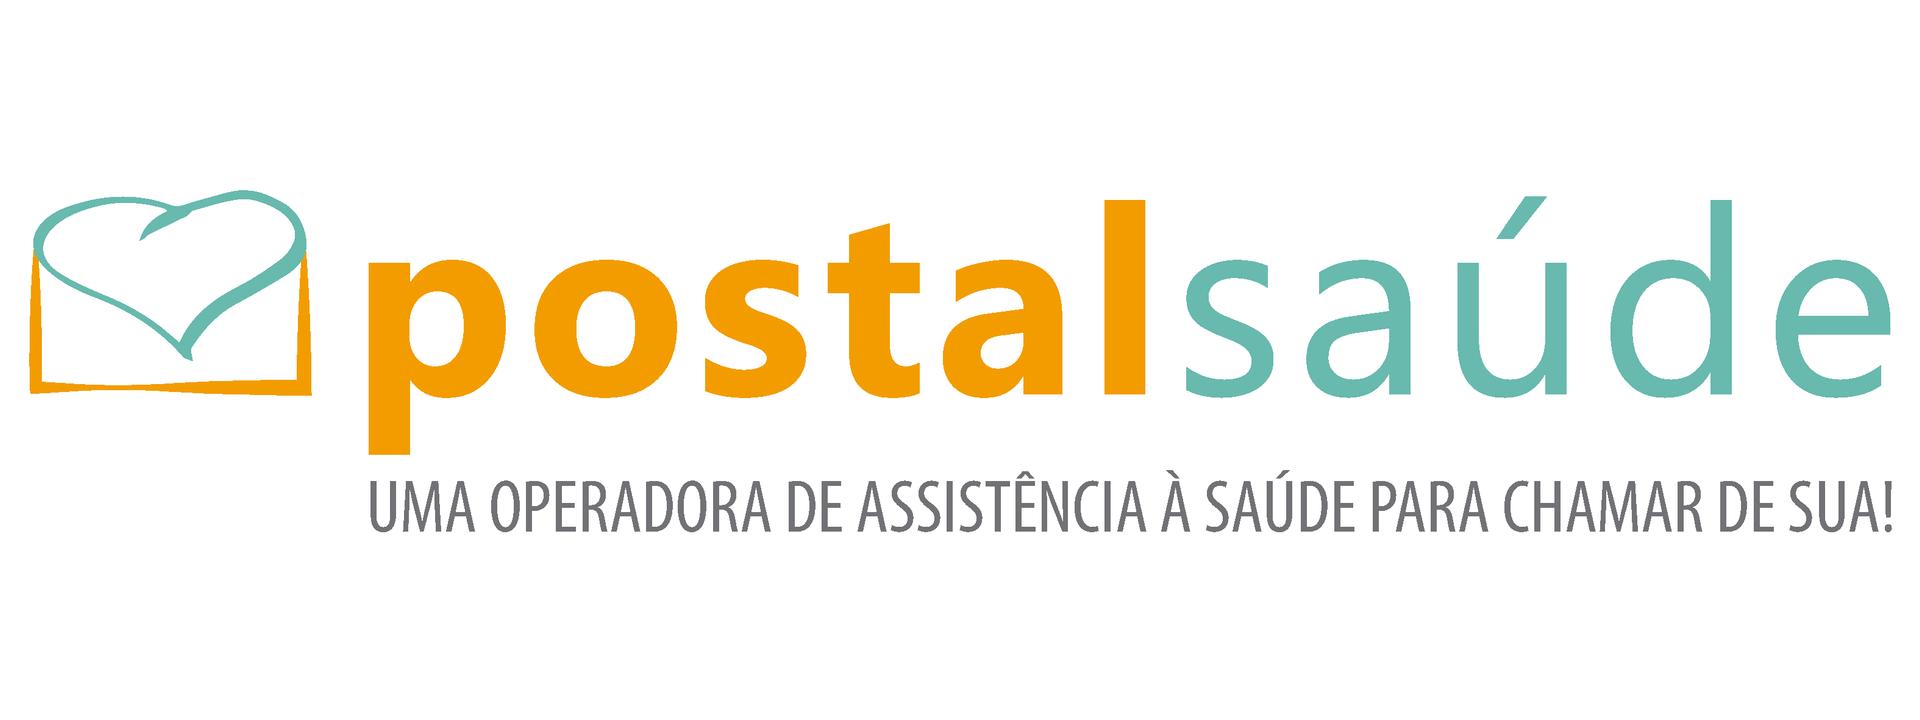 postal-saude-logo-1.png